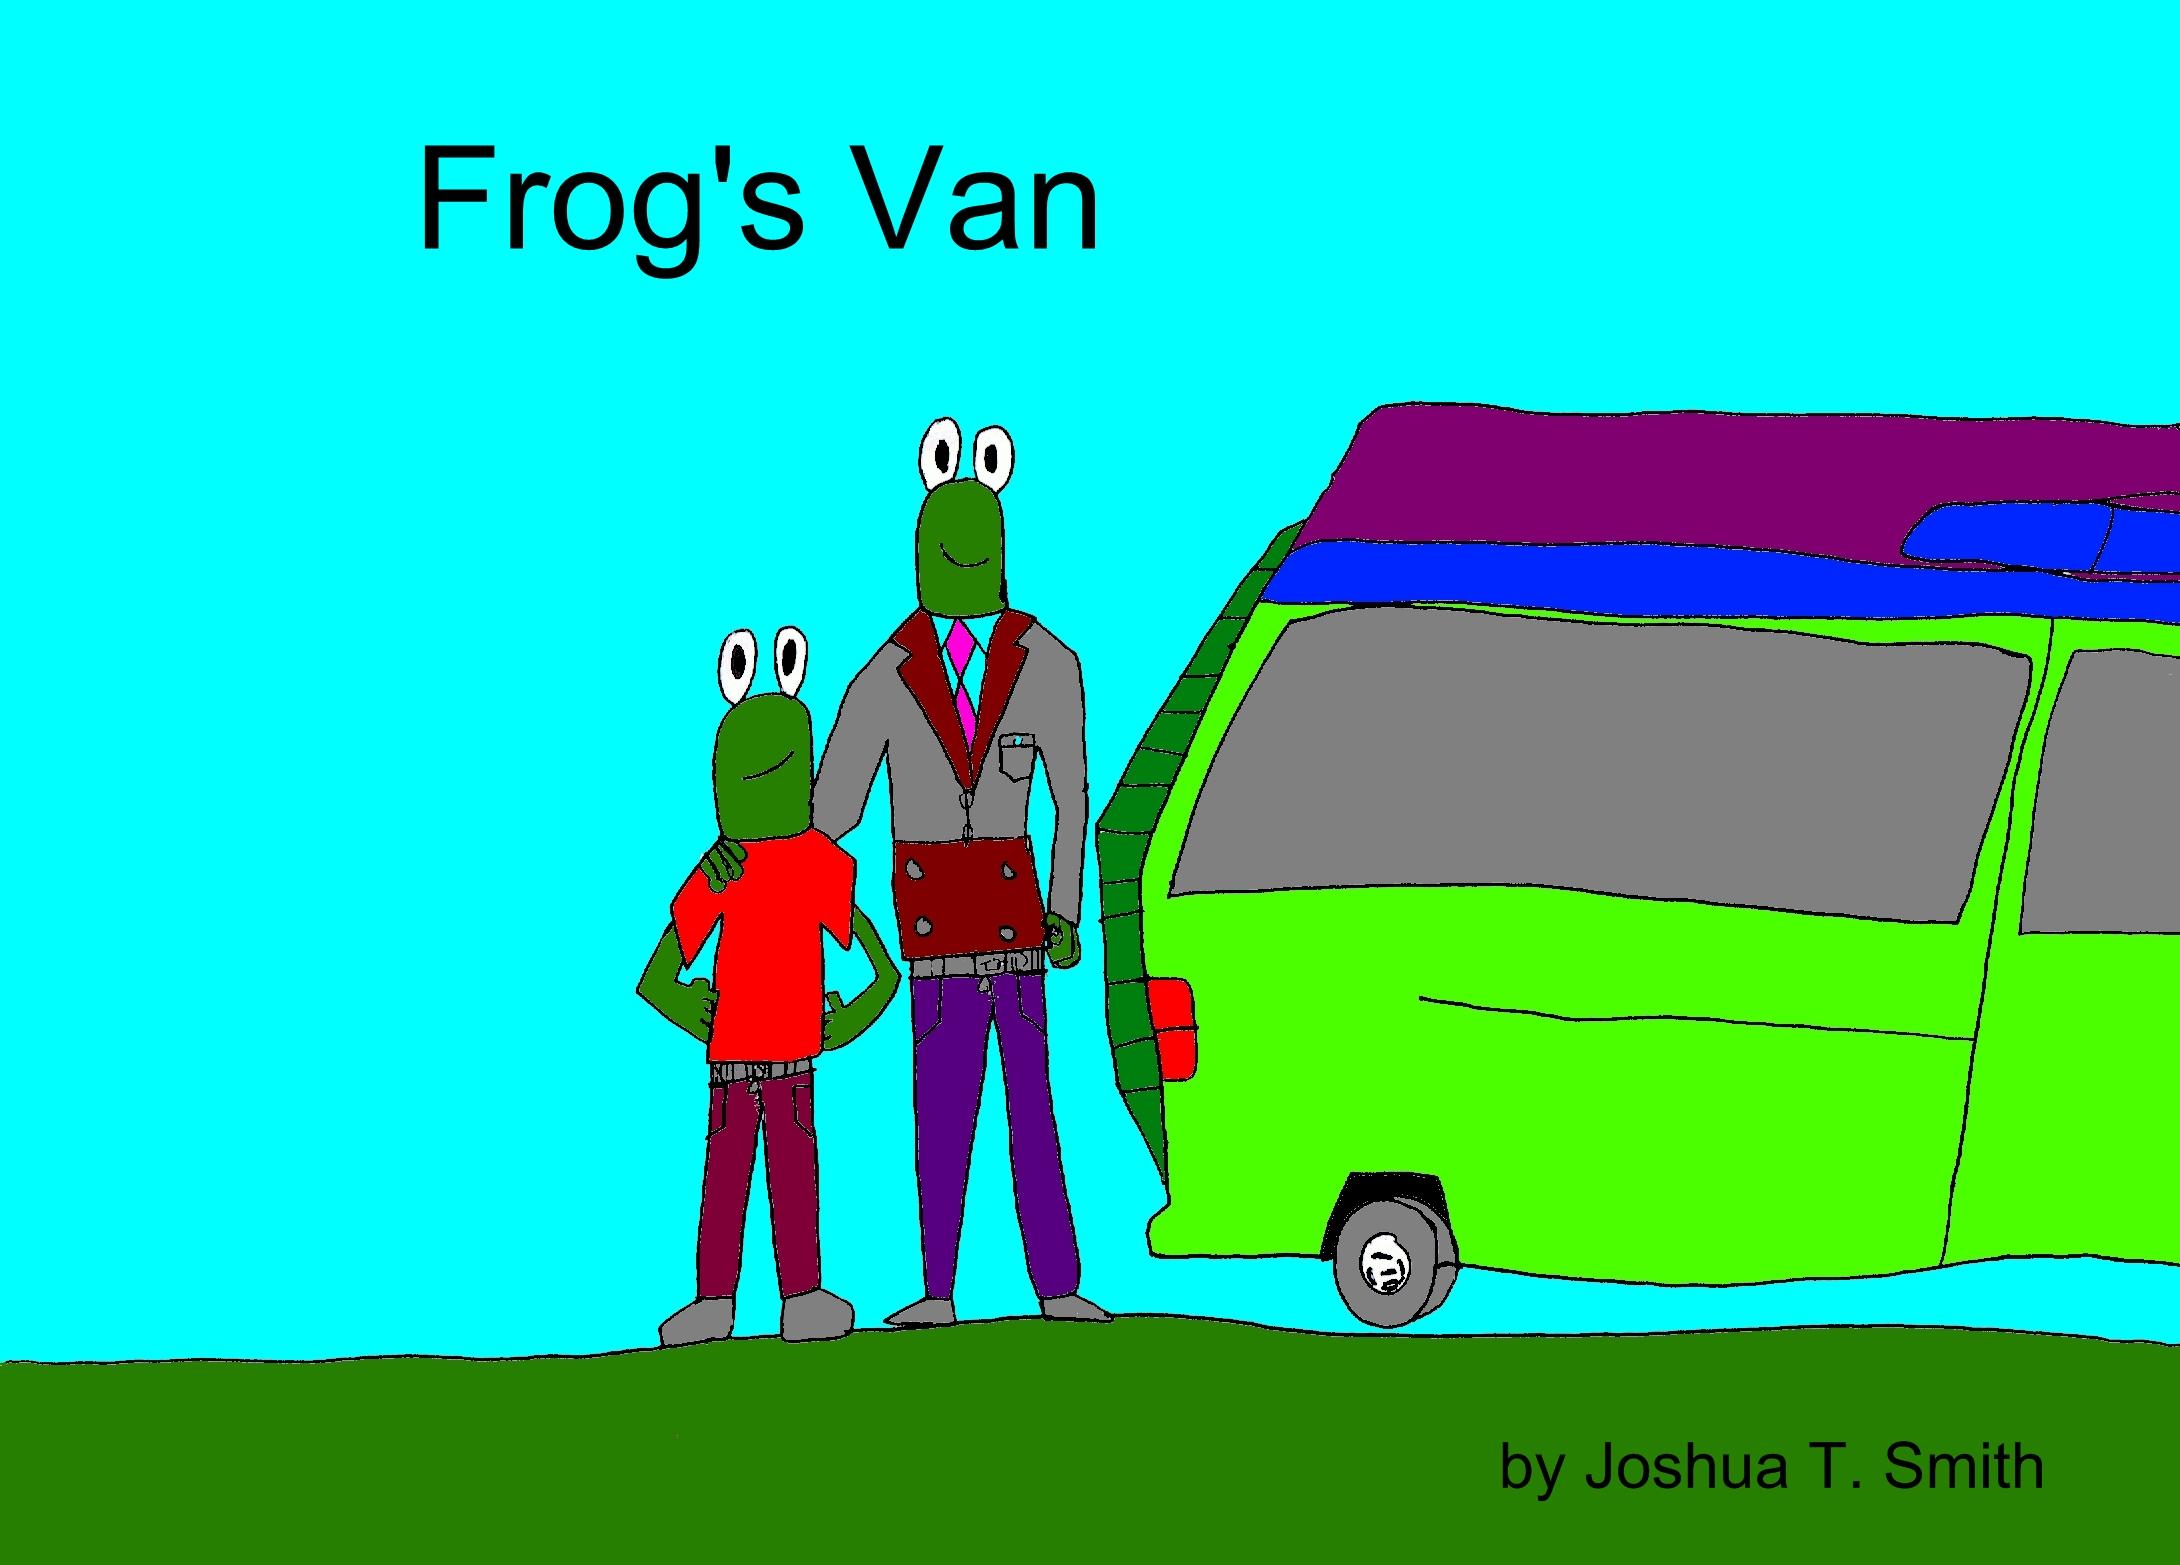 Frog's Van